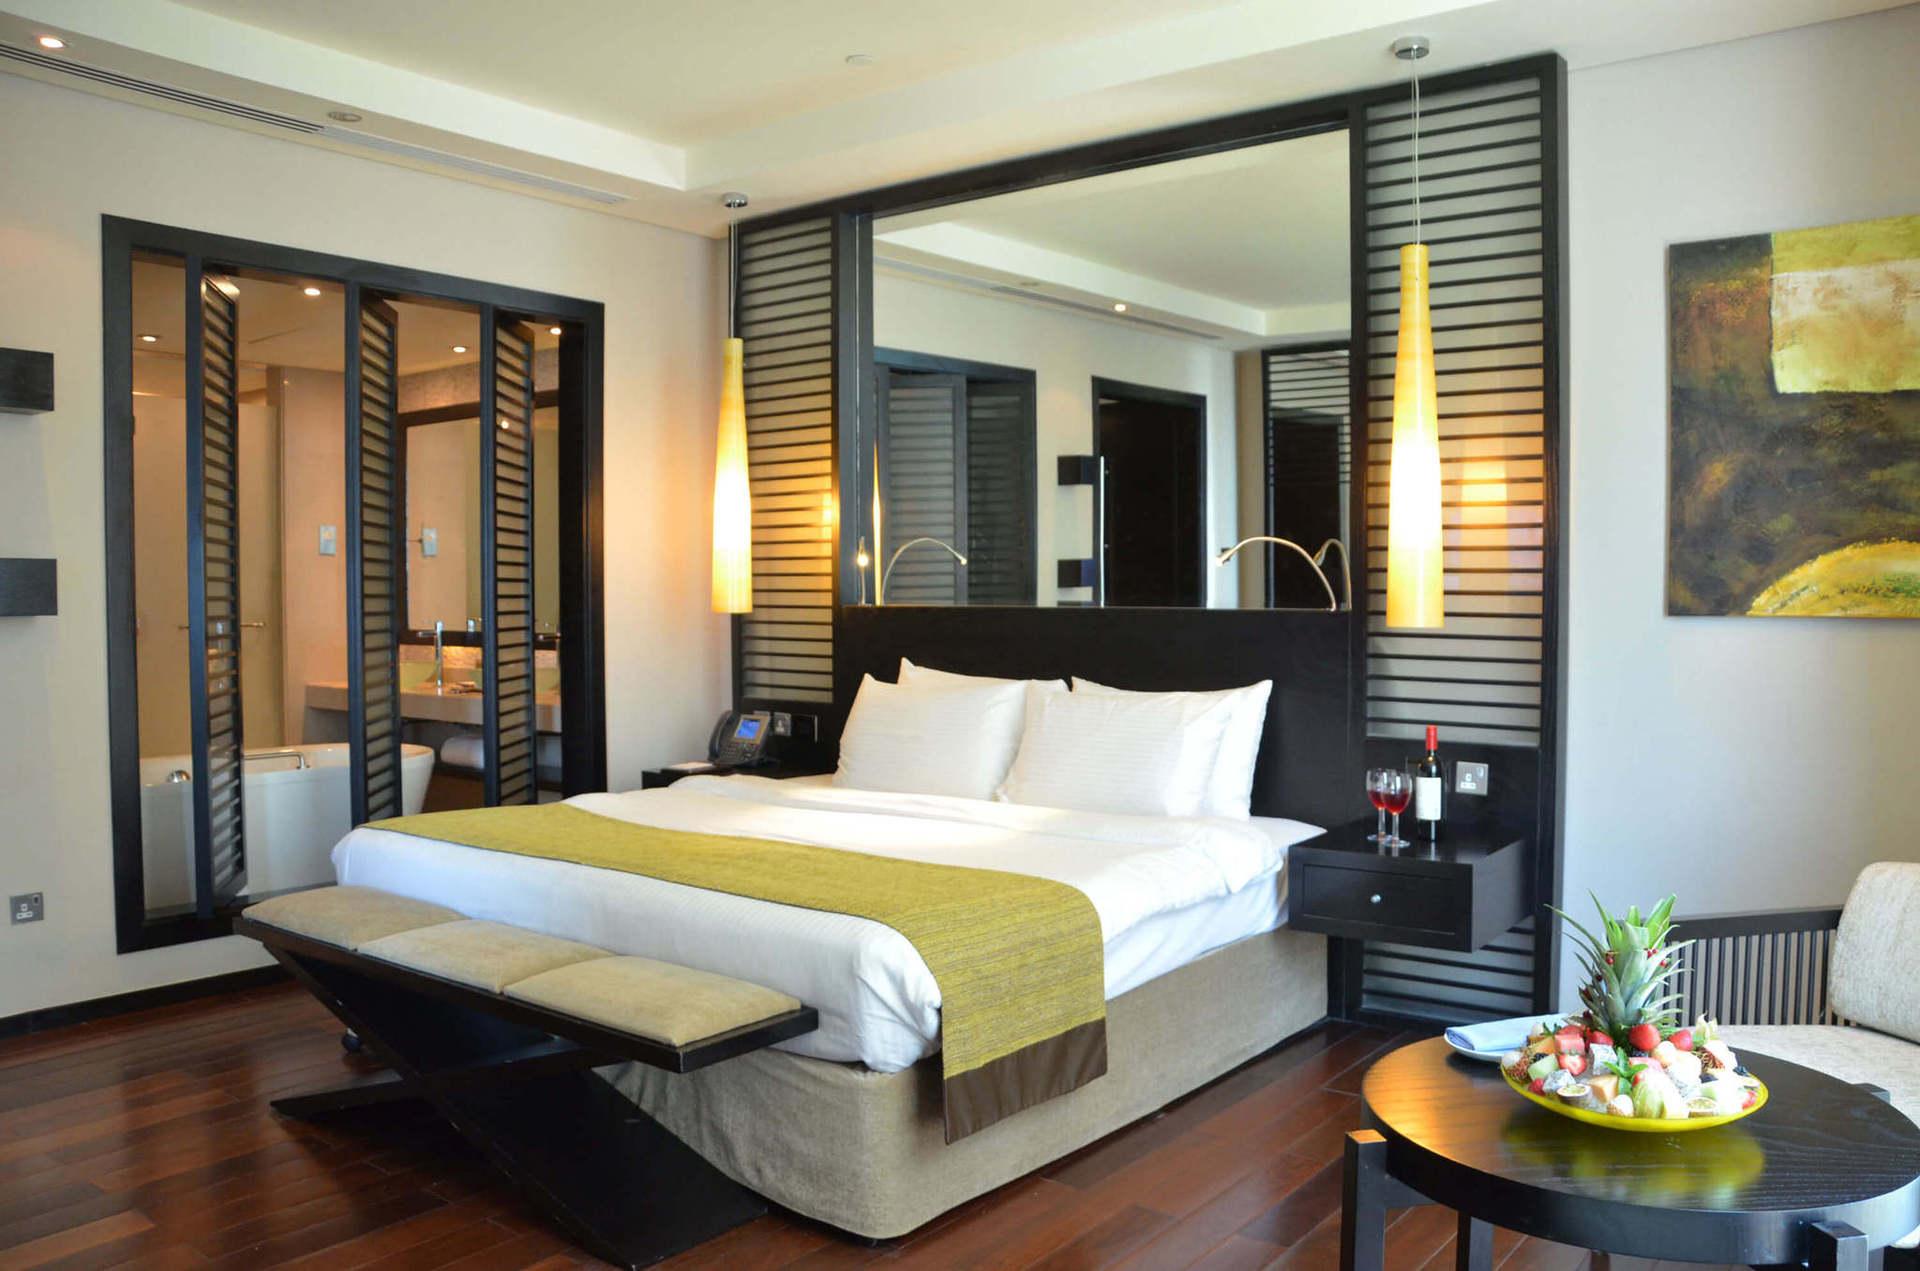 Після появи 82 розкішних сімейних сьютів, Rixos The Palm Hotel & Suites виходить на нову віху своєї історії: у 2020 році готель повністю переходить на систему «Ультра Все Включено».